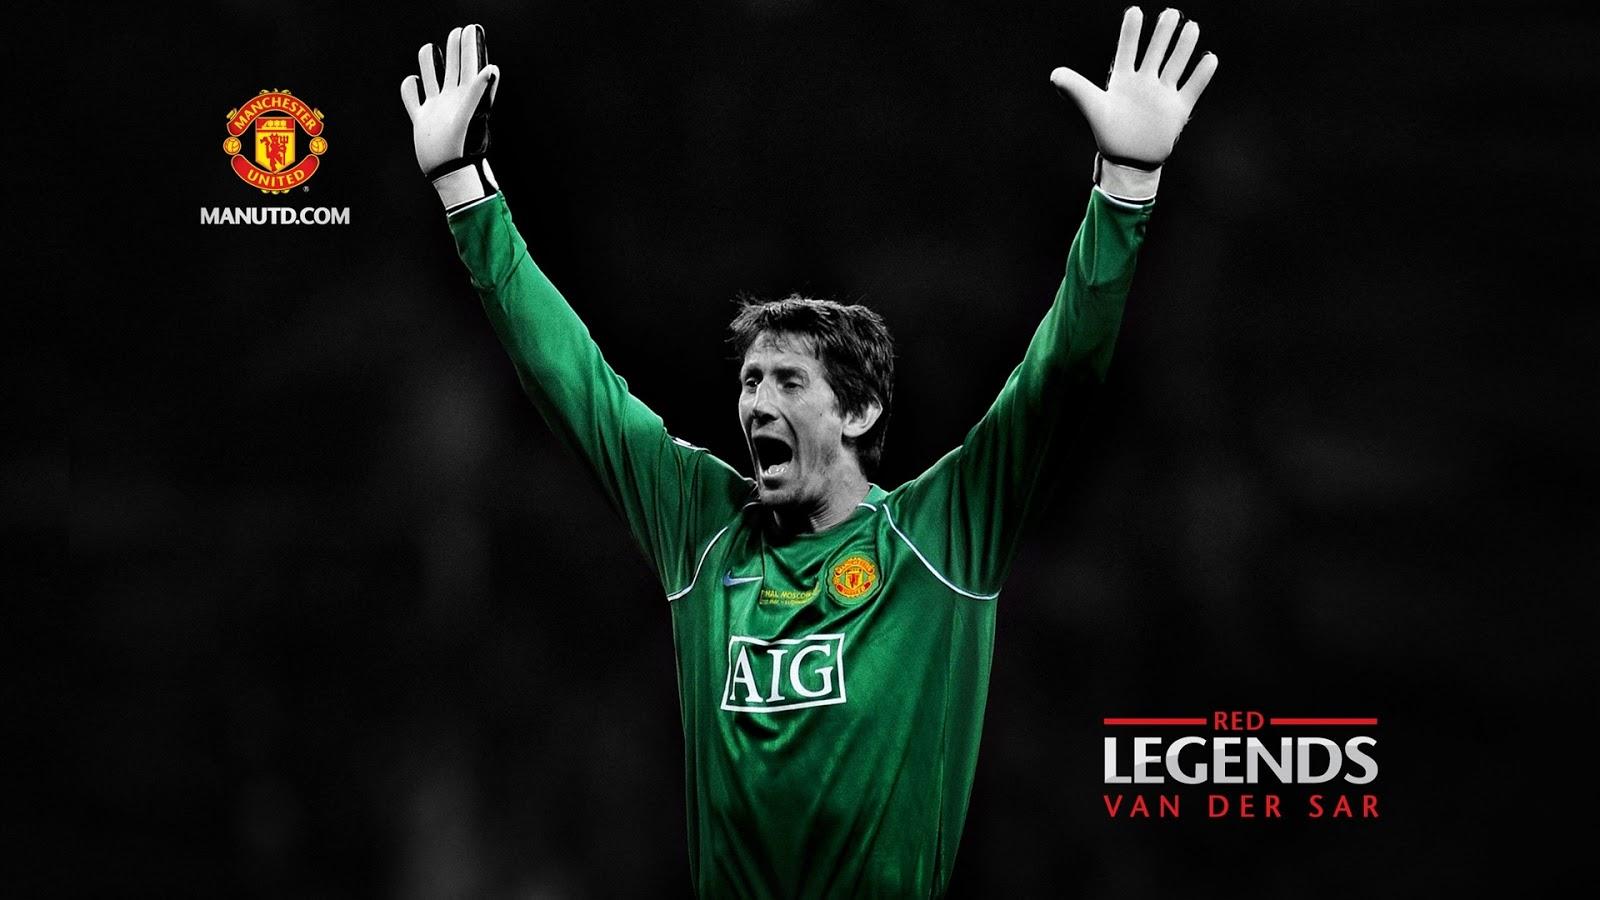 http://3.bp.blogspot.com/-A8BPzST4cZs/UOO4-oQ8v0I/AAAAAAAAM_k/hbi7hyoOkds/s1600/edwin-van-der-sar-red-legends-manchester-united.jpg